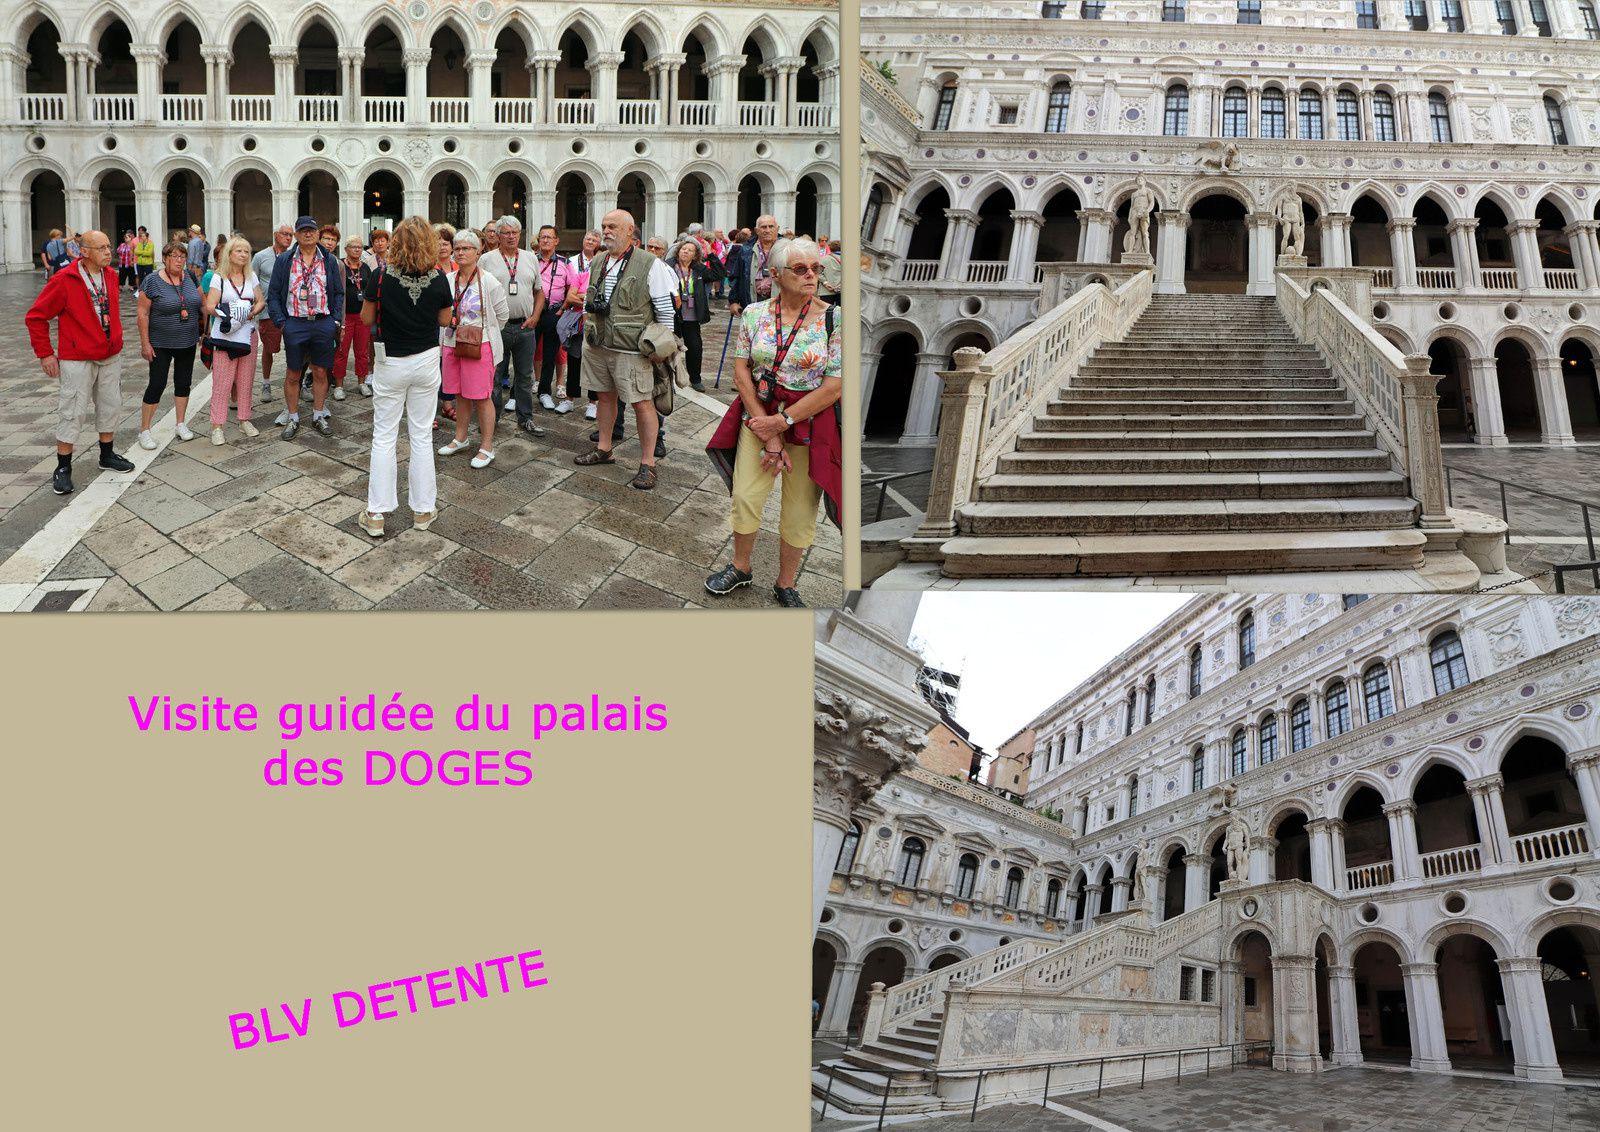 Visite guidée du palais des DOGES à VENISE